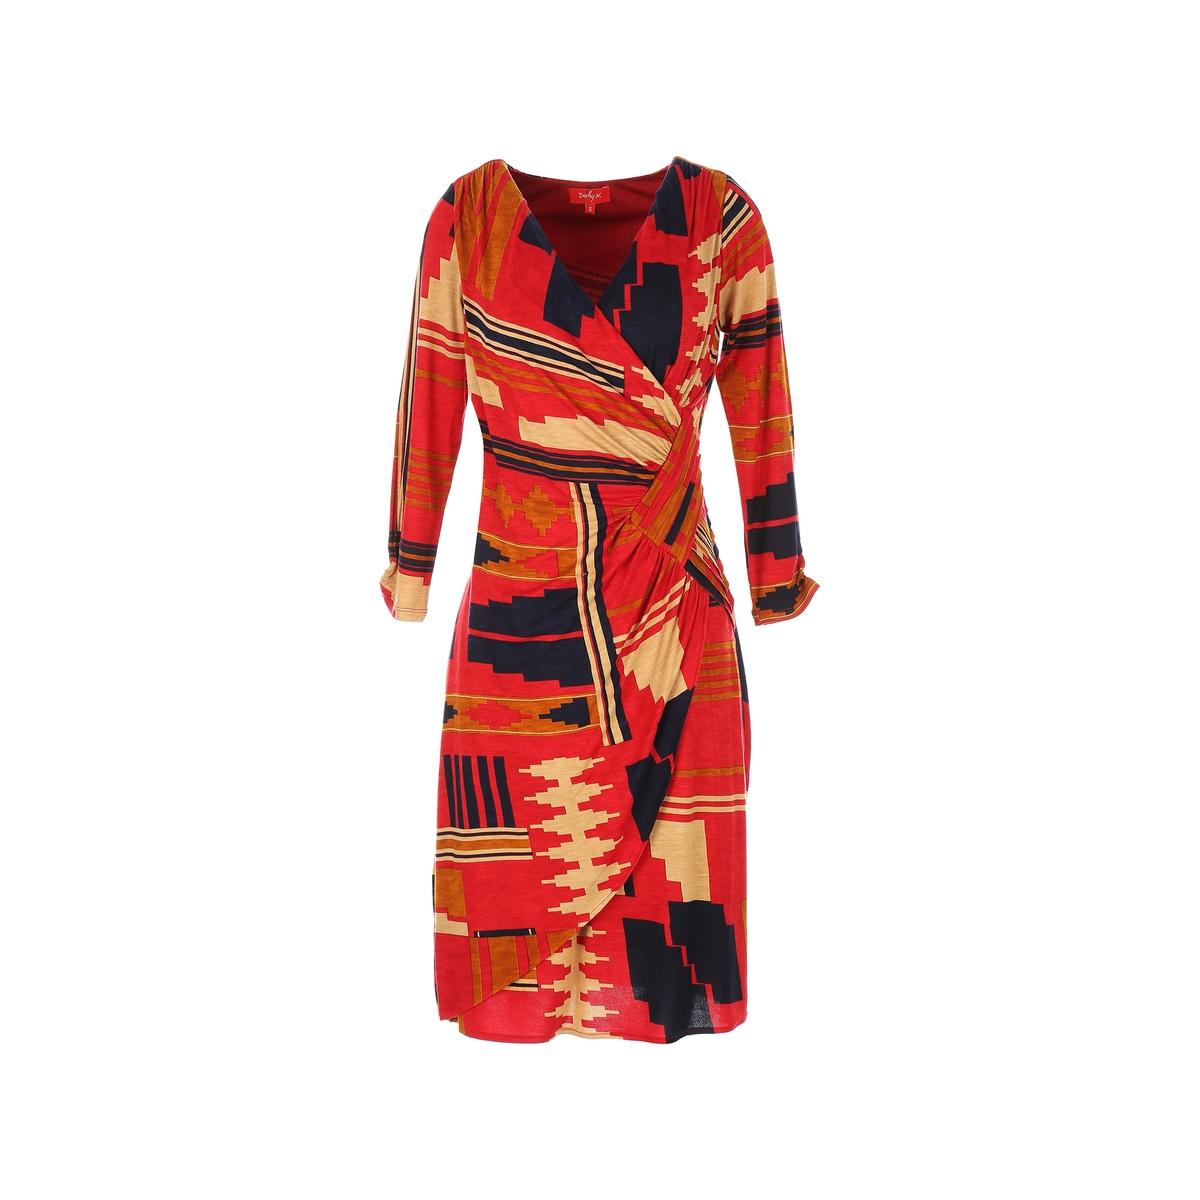 Платье средней длины с запахом и рисункомДетали •  Форма : с запахом  •  Длина до колен •  Длинные рукава    •   V-образный вырез •  Рисунок-принтСостав и уход •  97% вискозы, 3% эластана •  Подкладка  : 100% полиэстер •  Следуйте советам по уходу, указанным на этикетке<br><br>Цвет: красный/ оранжевый